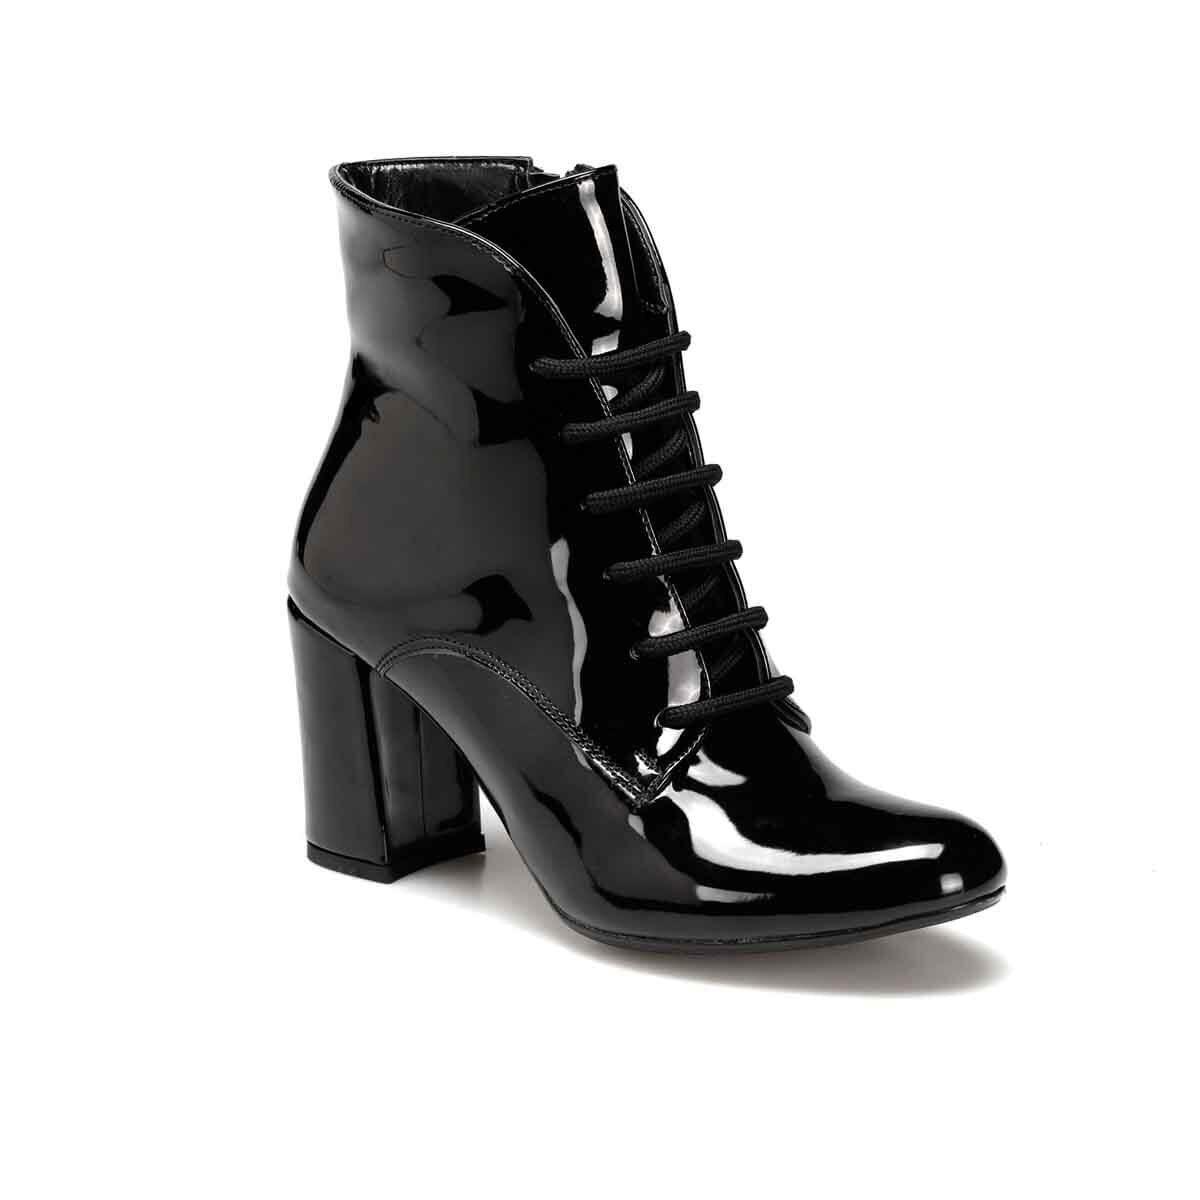 FLO BOW Black Female High-Heeled Boots BUTIGO